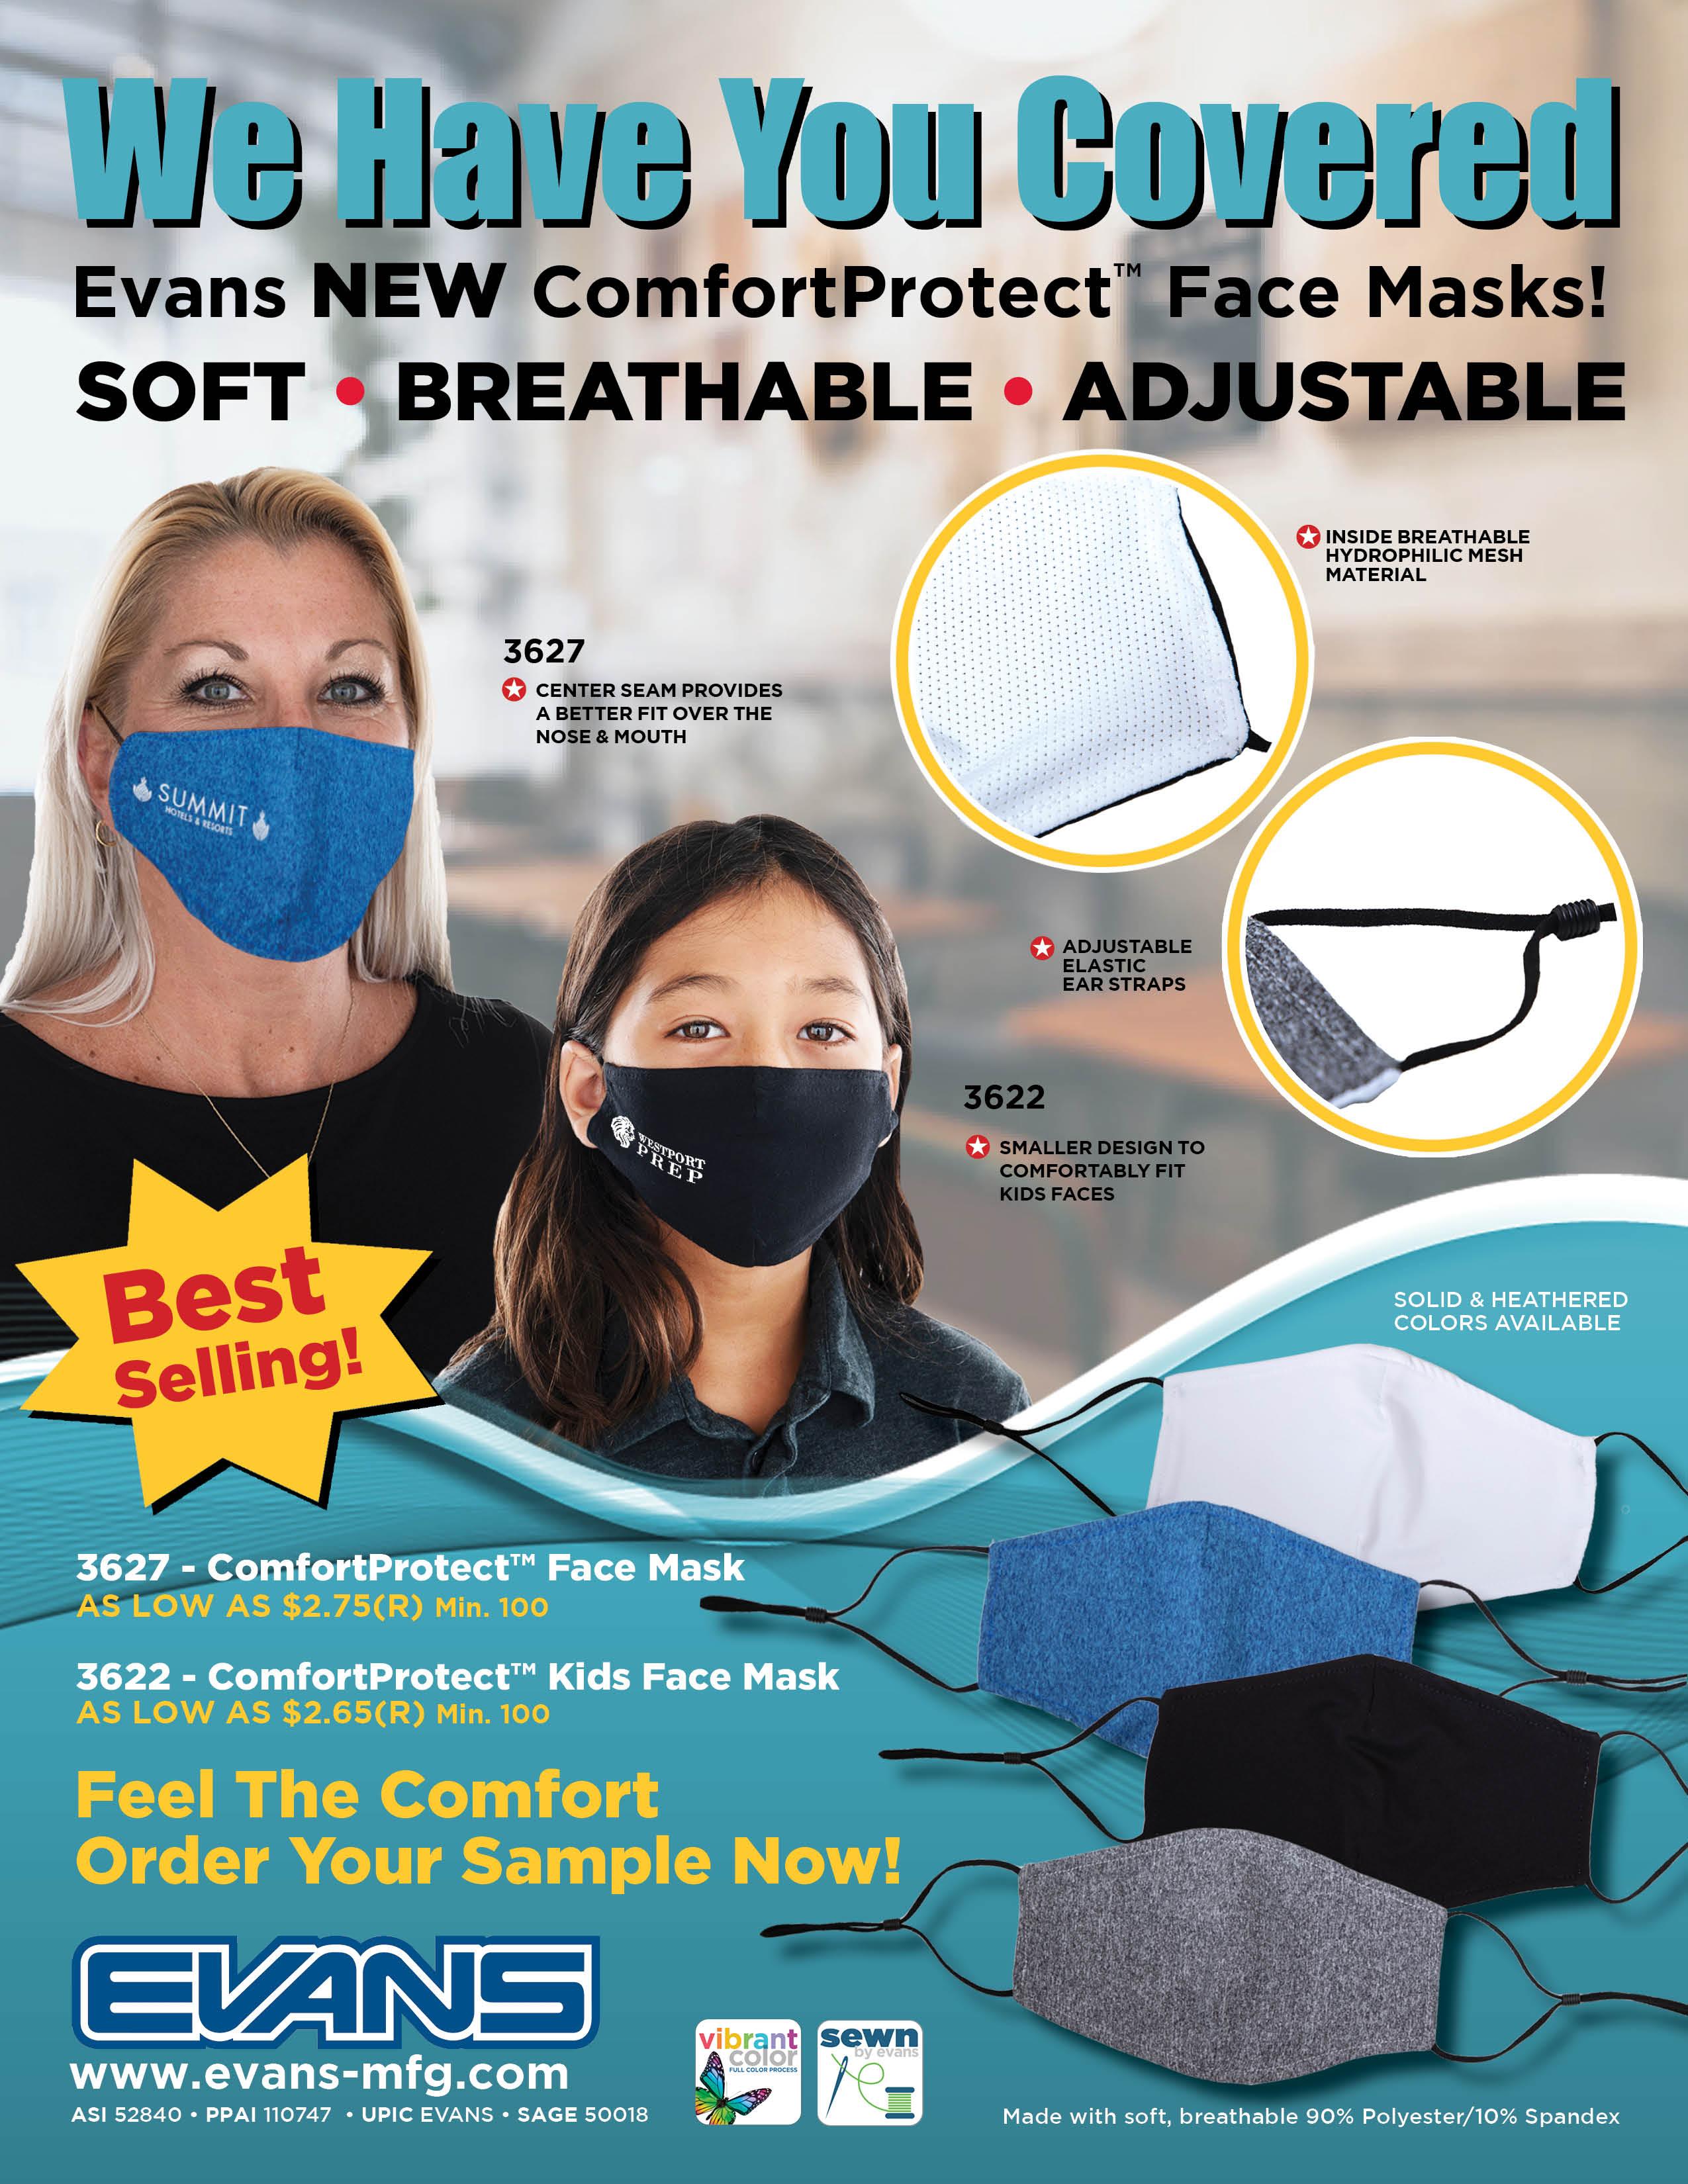 ComfortProtect Face Masks